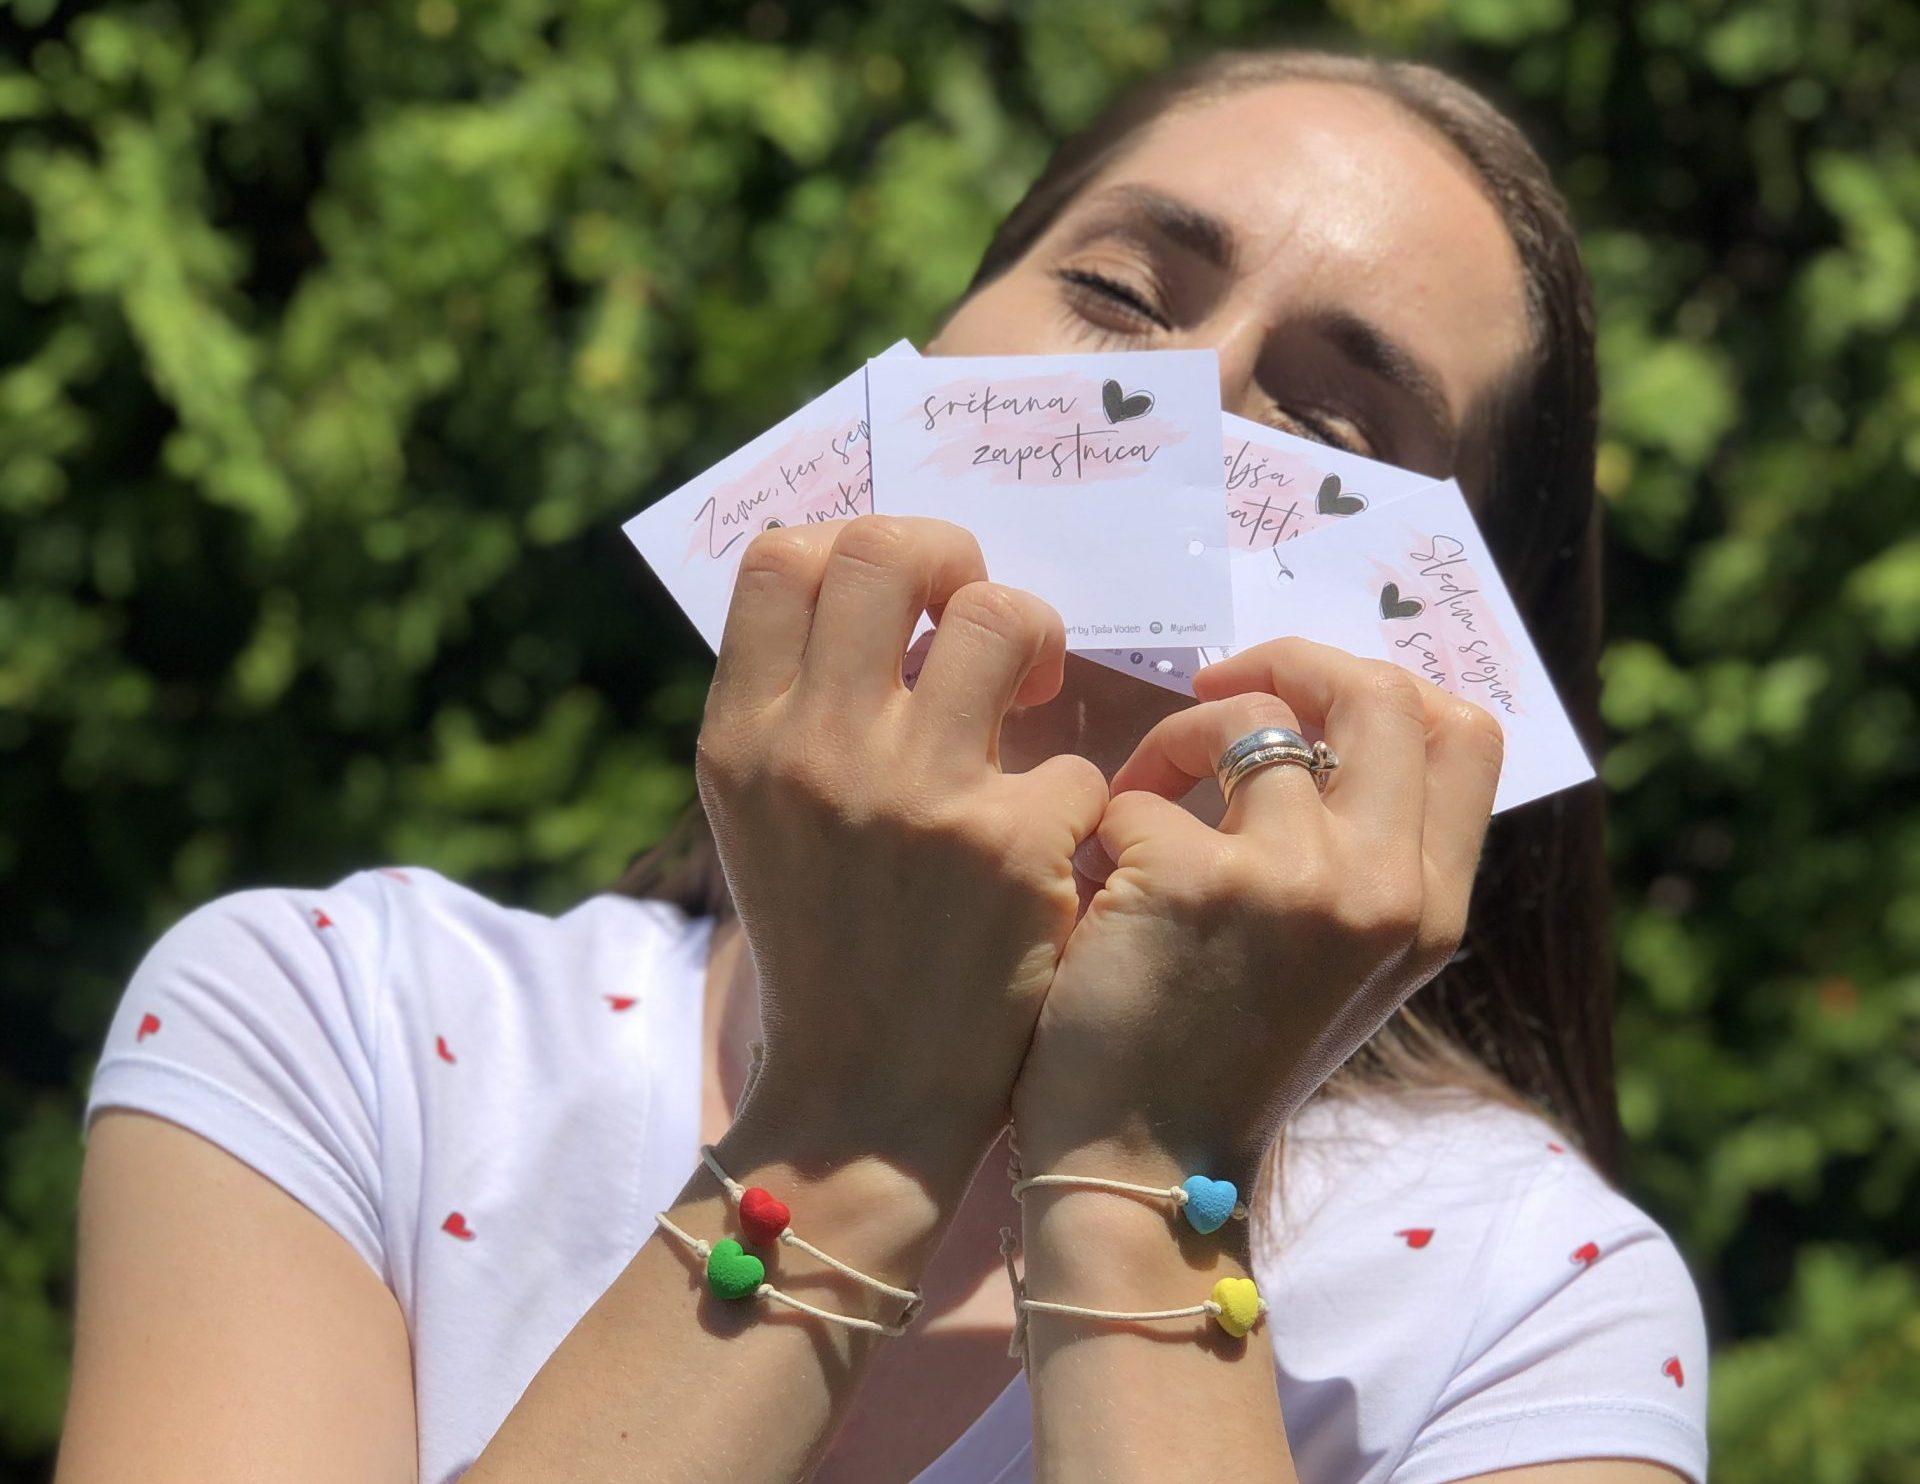 Myunikat.si | Mini srčkane zapestnice za vsako žensko | Dijanarose.com